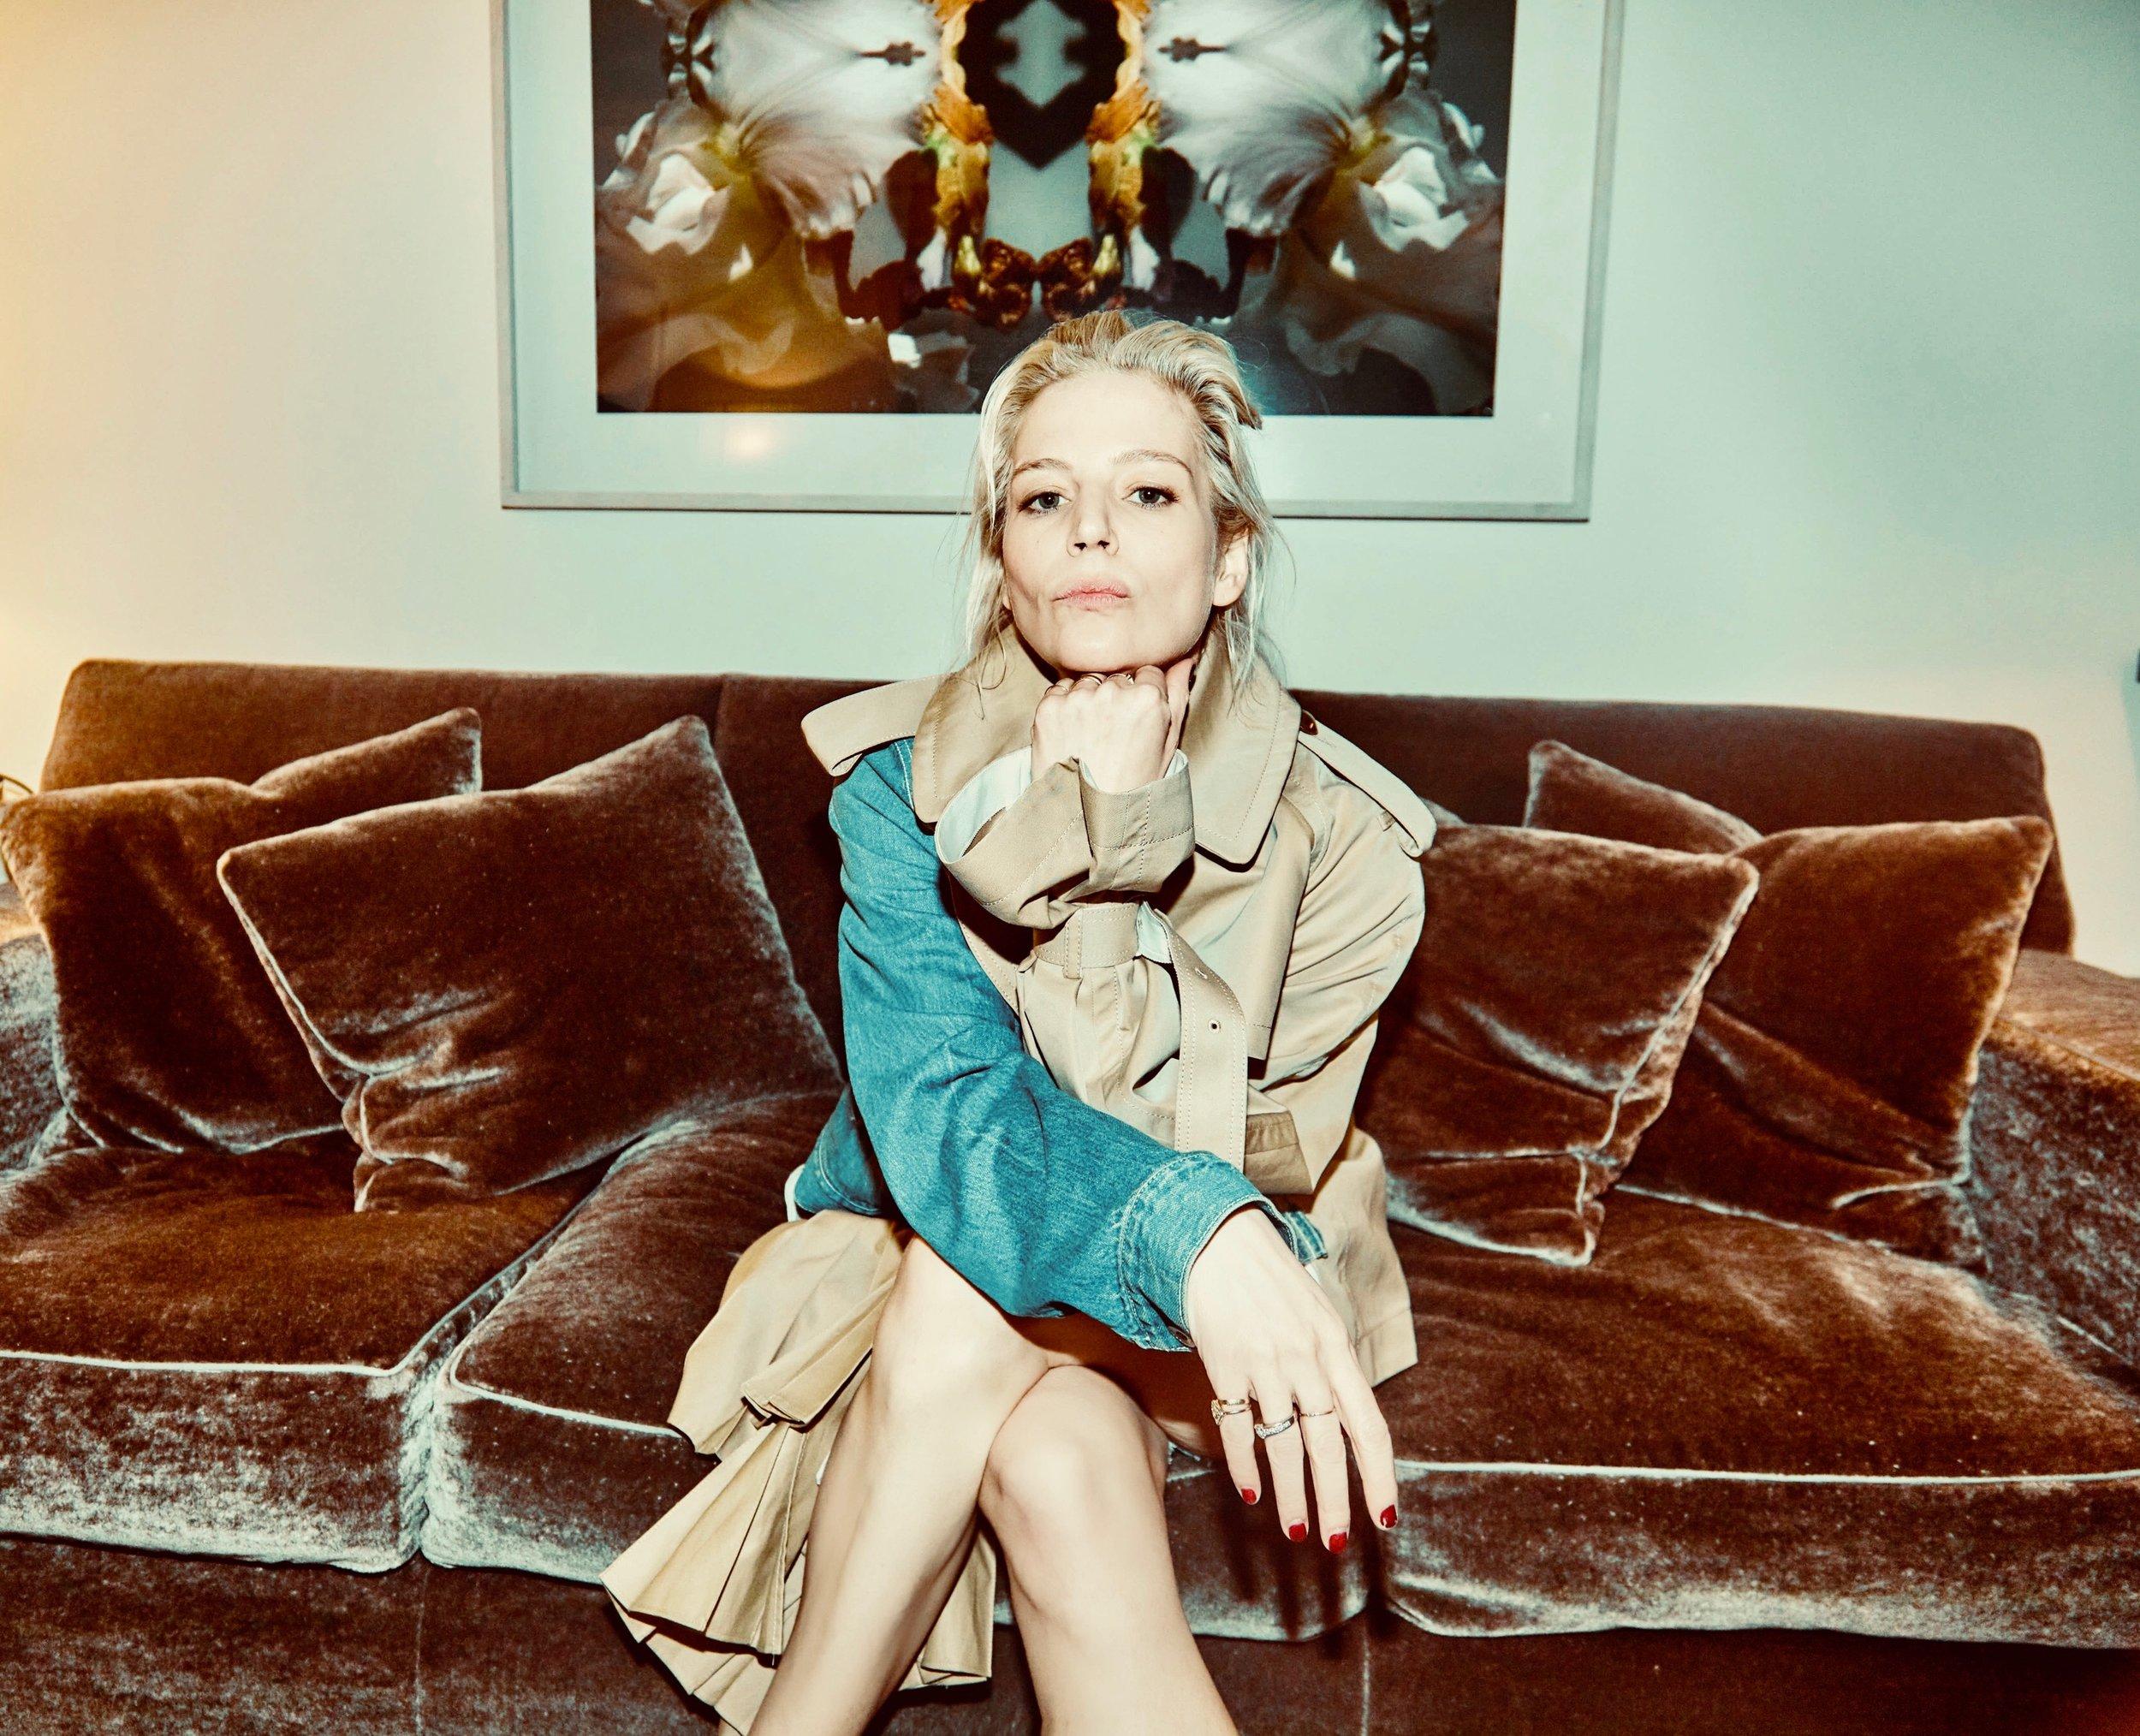 Julia von Boehm wearing Sacai at The Mark Hotel. Image by Savanna Ruedy